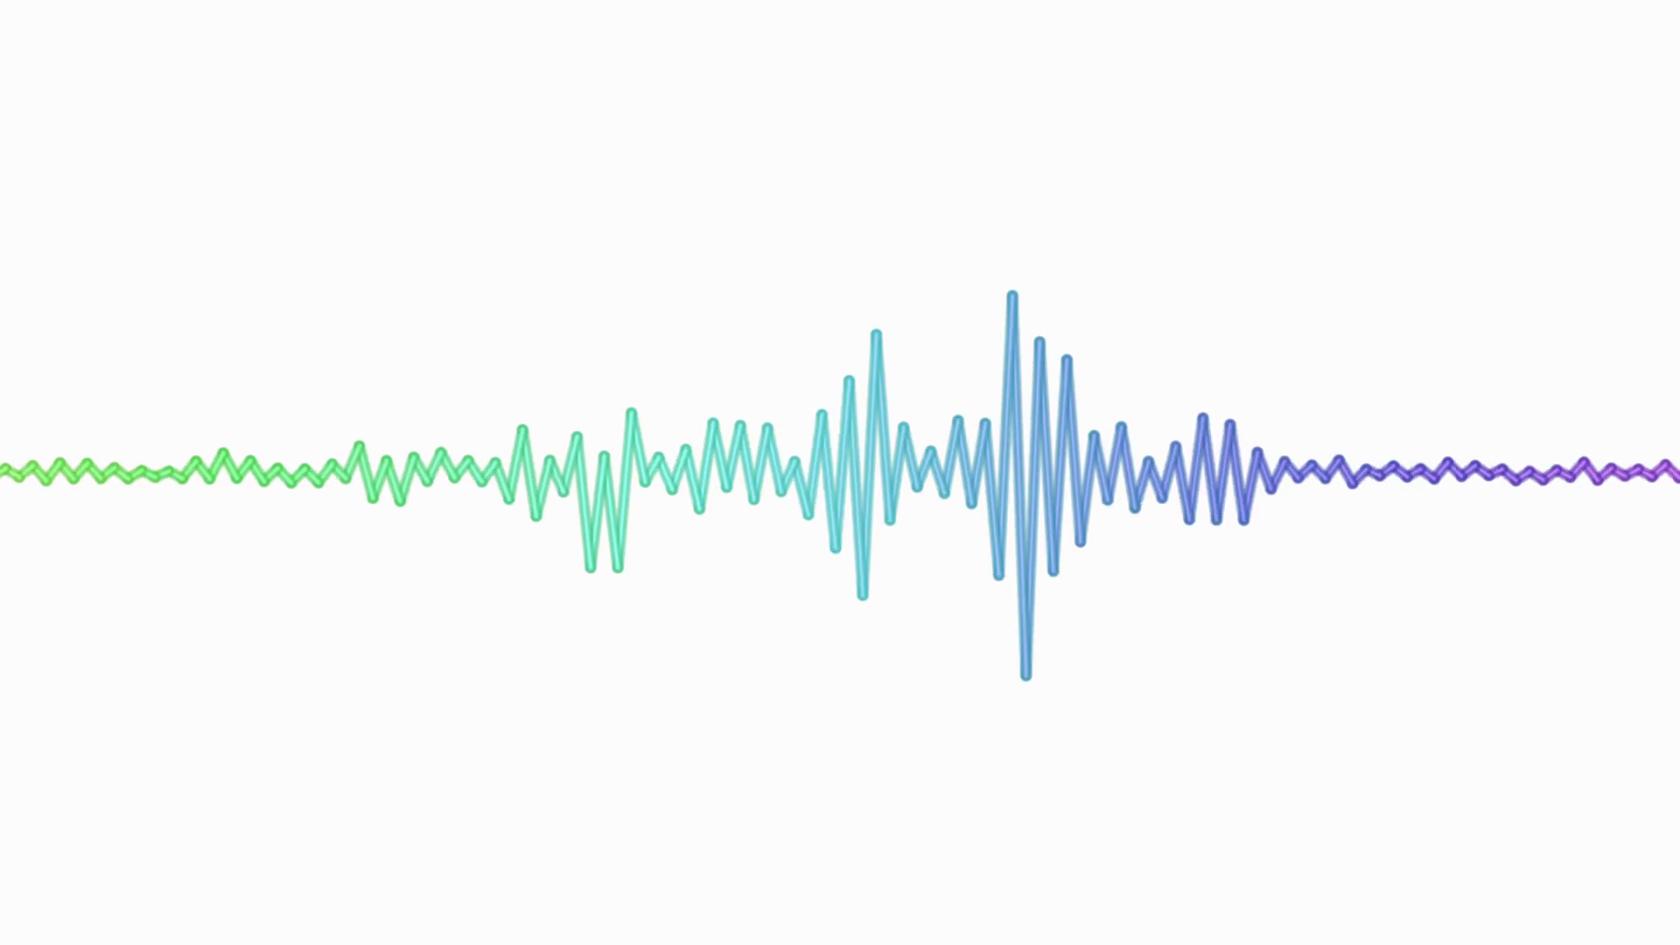 цифровой звук картинка уже давно